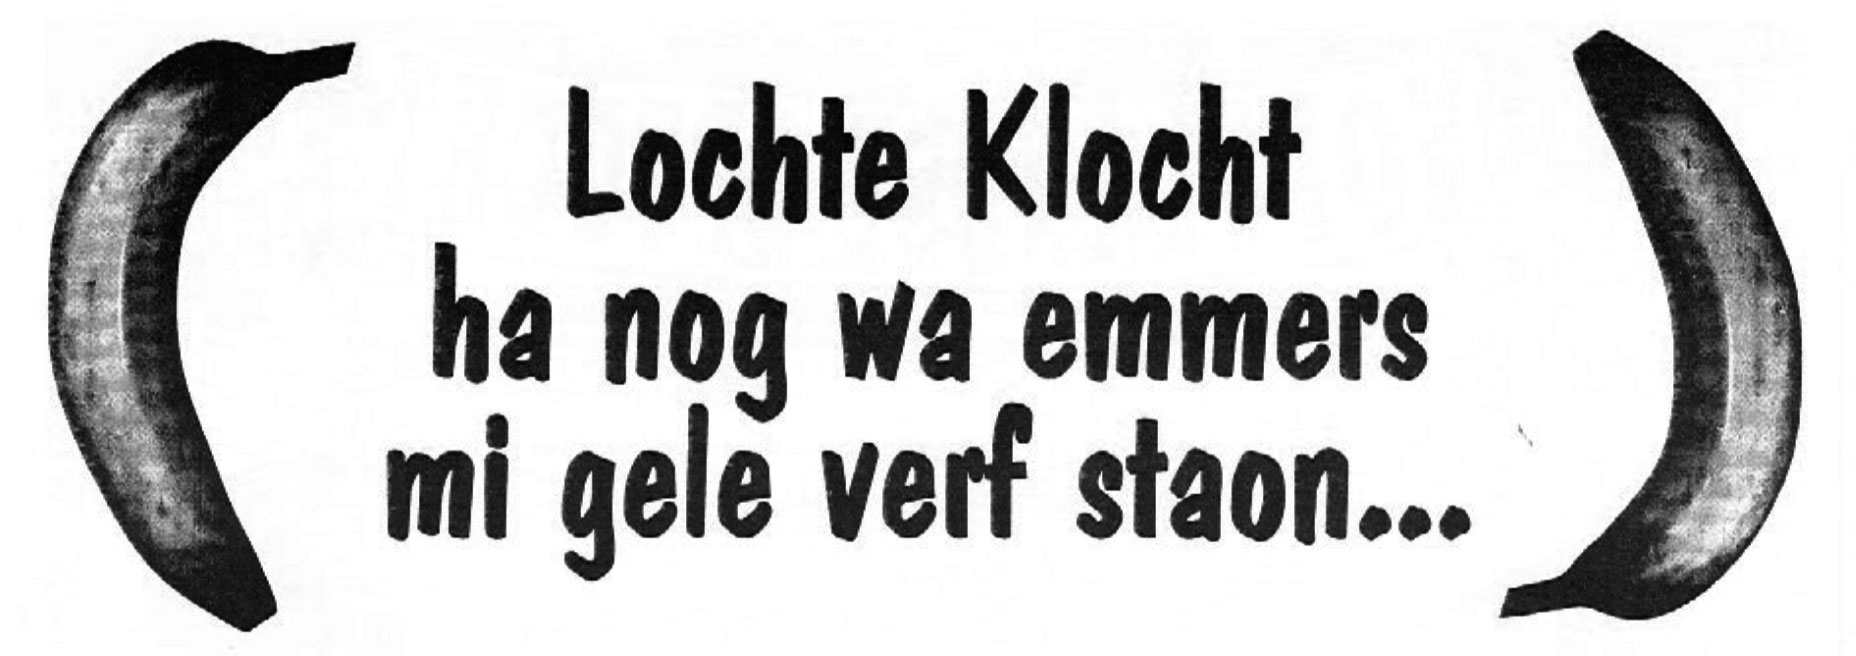 Stukje uit de carnavalskrant van Lochte Klocht - 1996